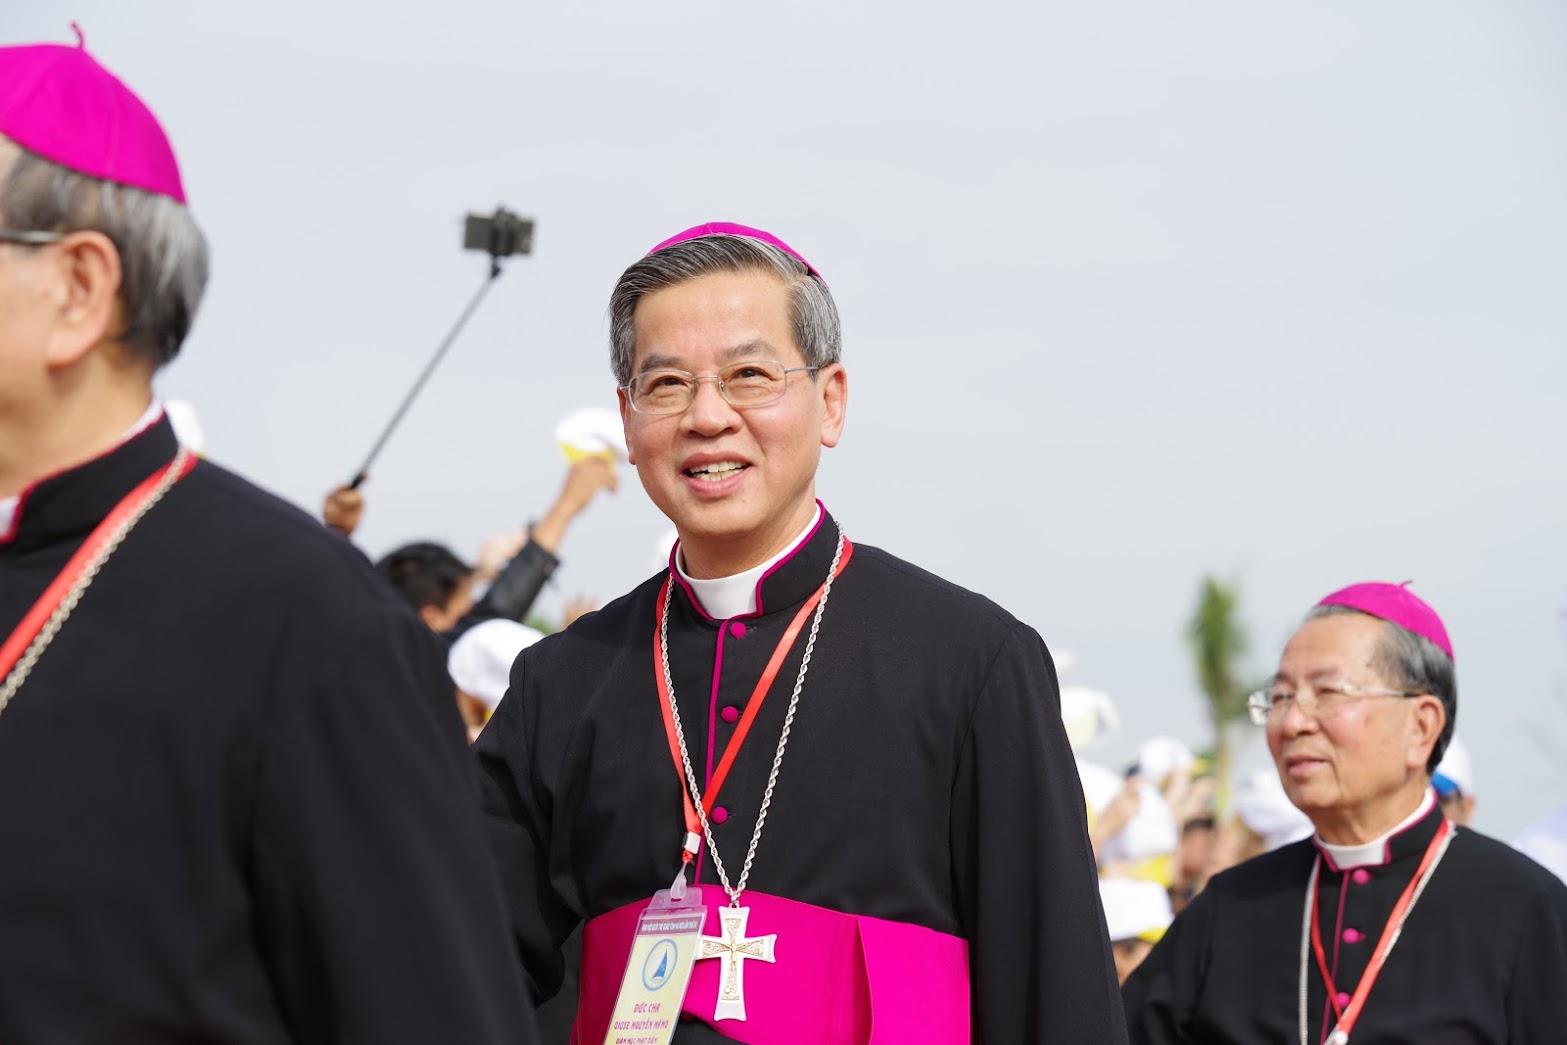 Những hình ảnh đẹp về lễ khai mạc Đại Hội Giới Trẻ giáo tỉnh Hà Nội lần thứ XV tại Thanh Hóa - Ảnh minh hoạ 16